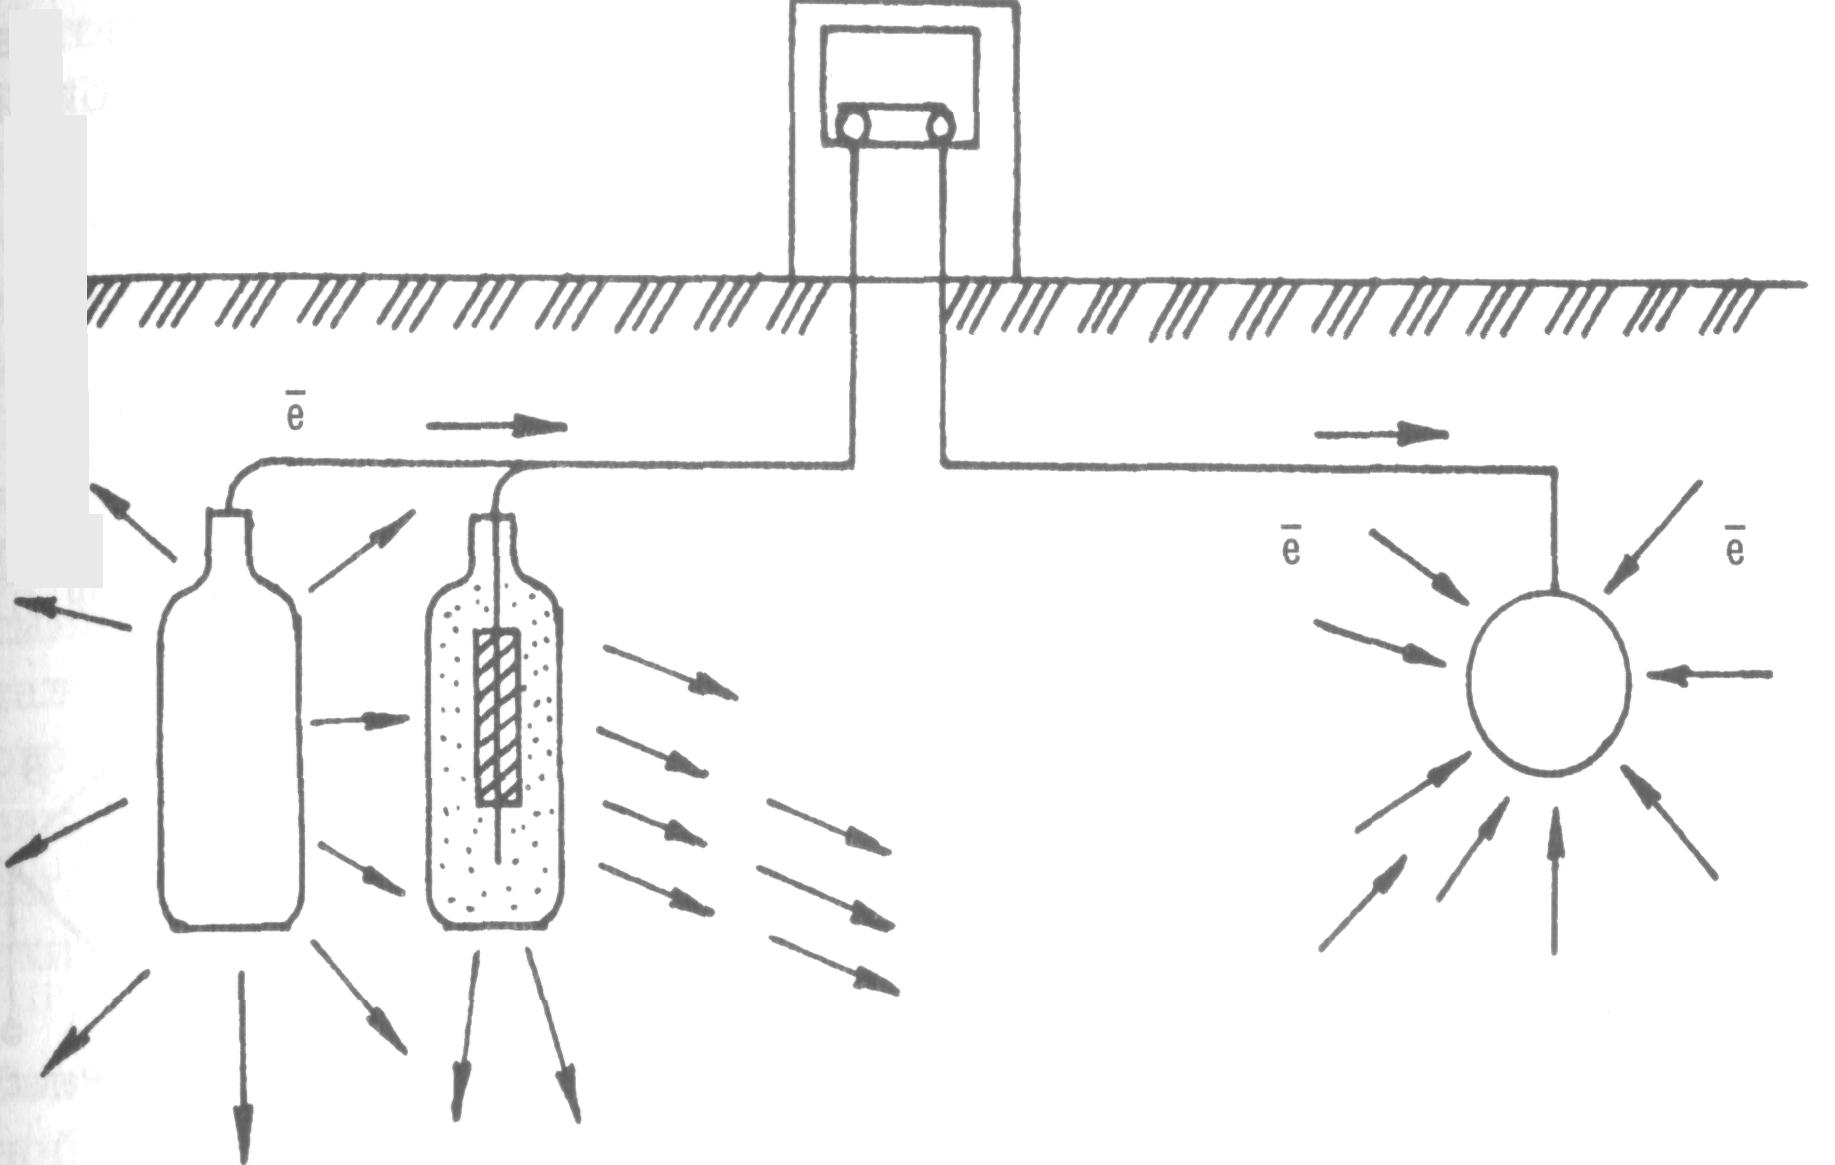 противокоррозионная защита газопровода